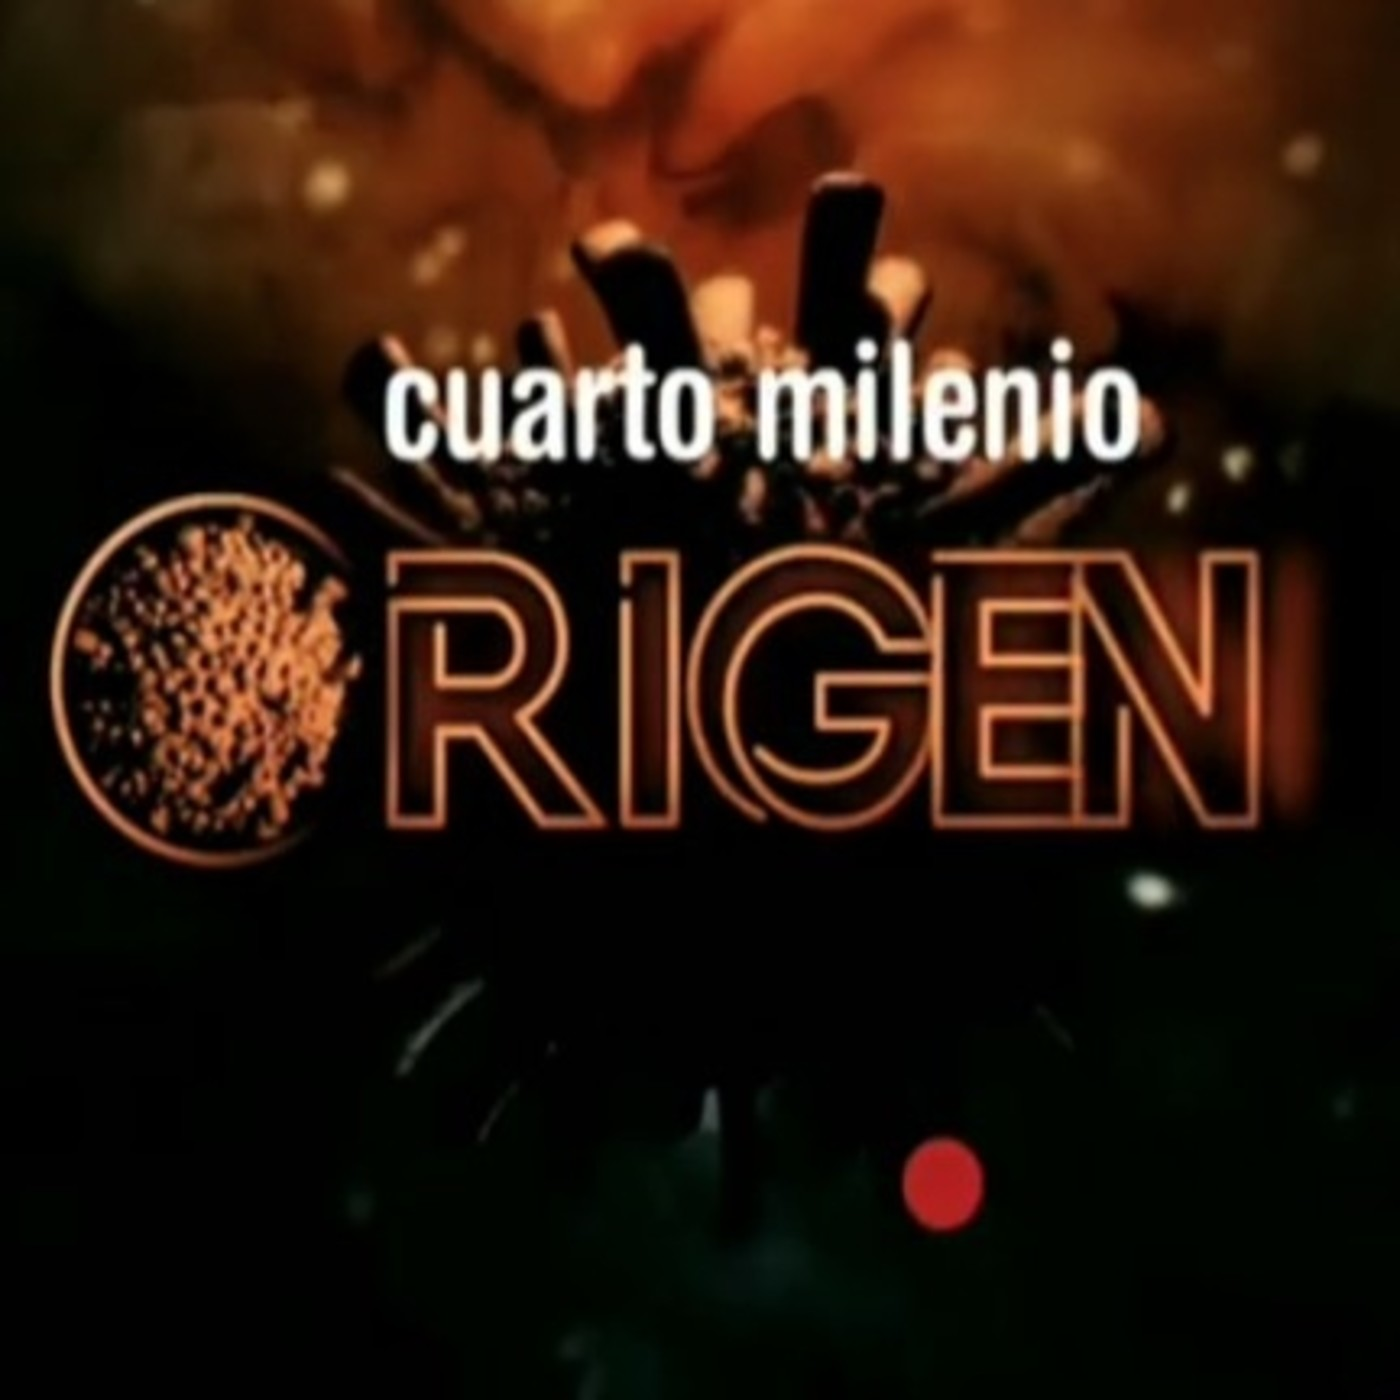 Especial Cuarto milenio (06-09-2020): Origen